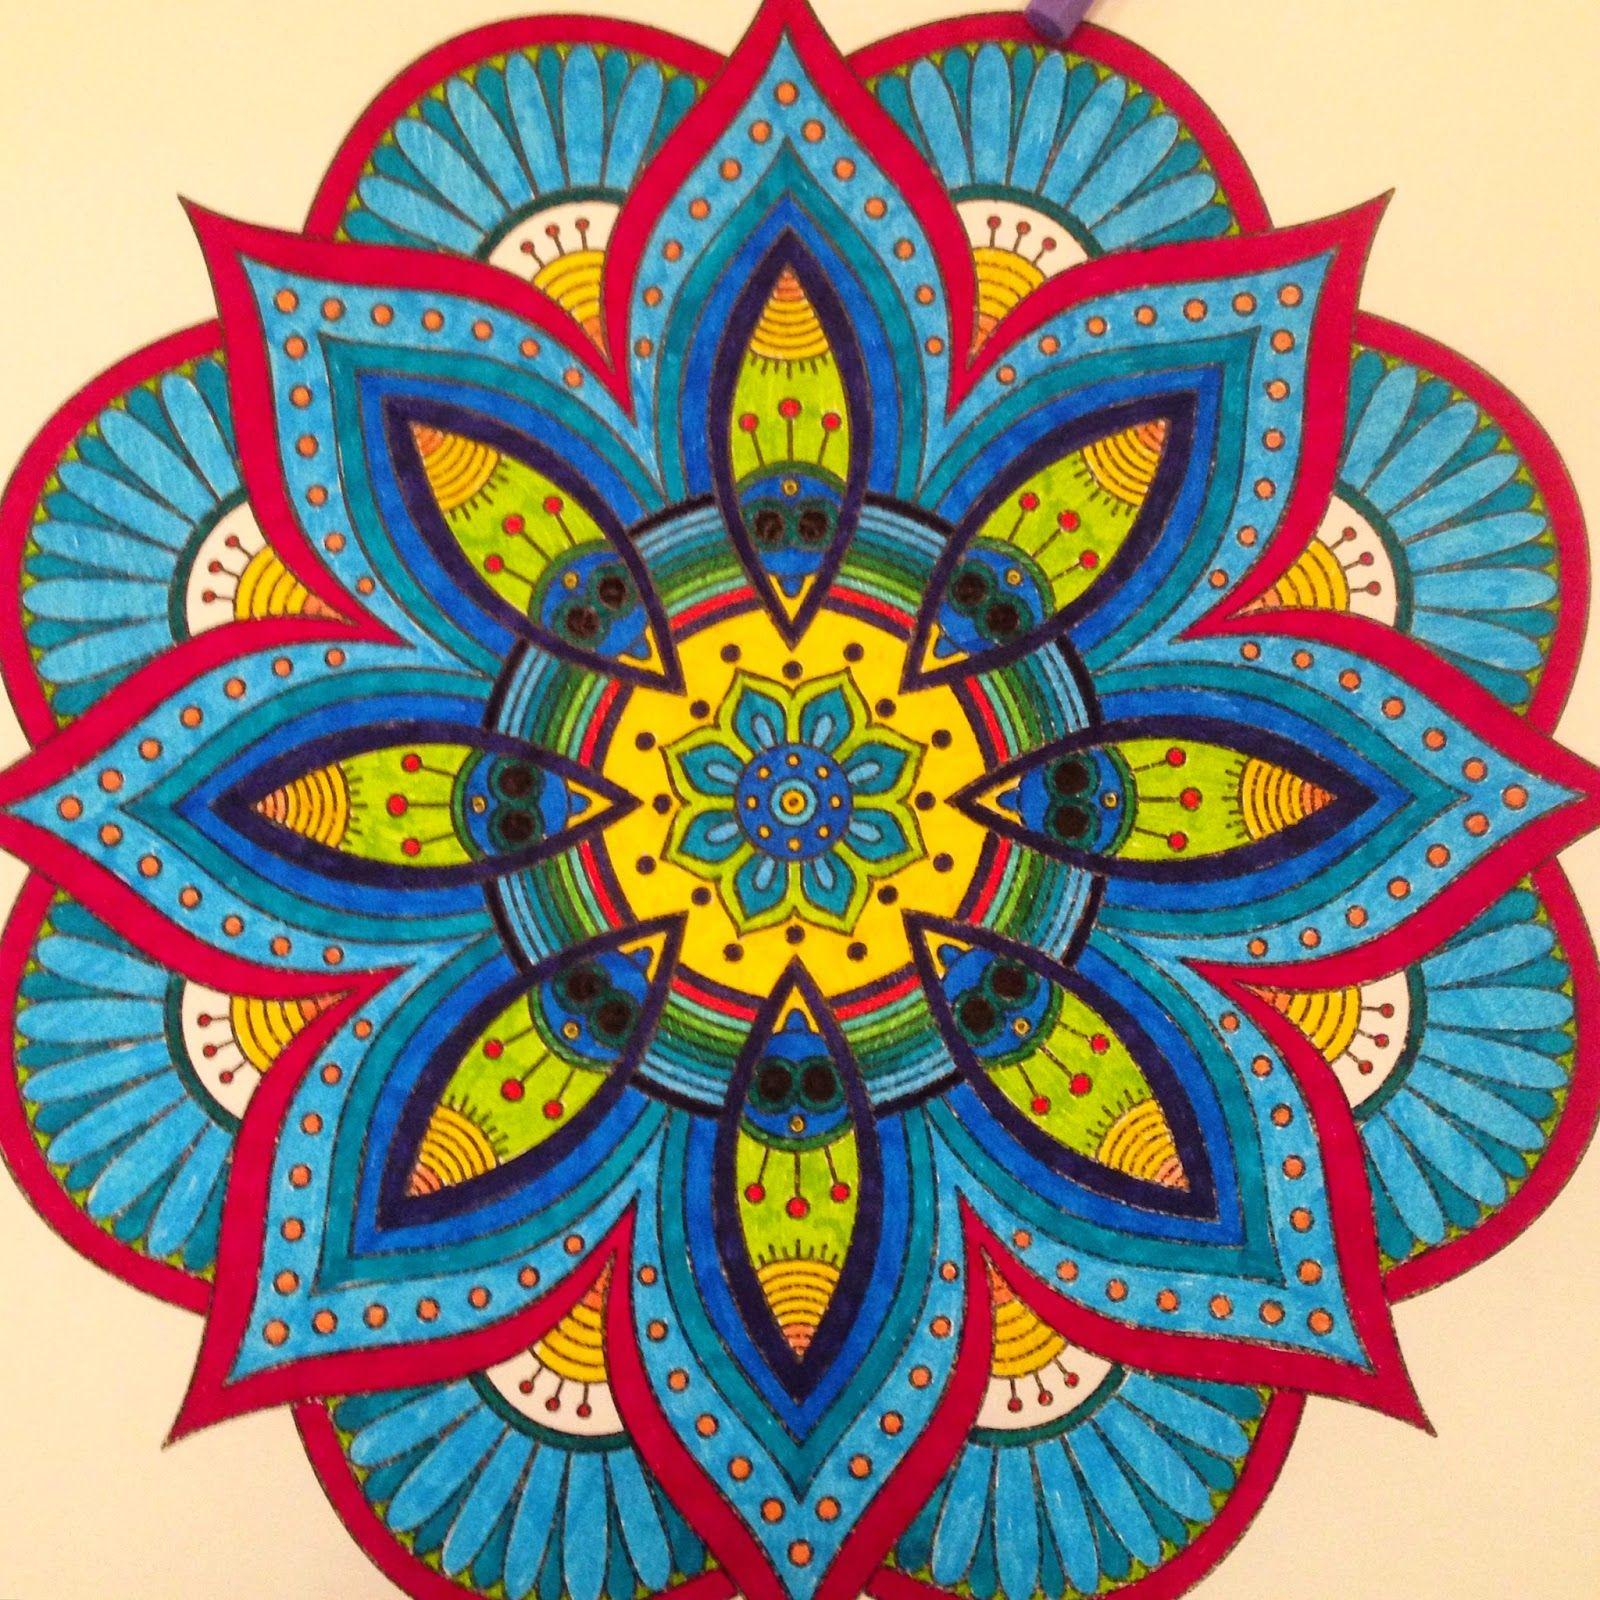 Resultado De Imagem Para Mandalas Coloridas Desenhos De Mandalas